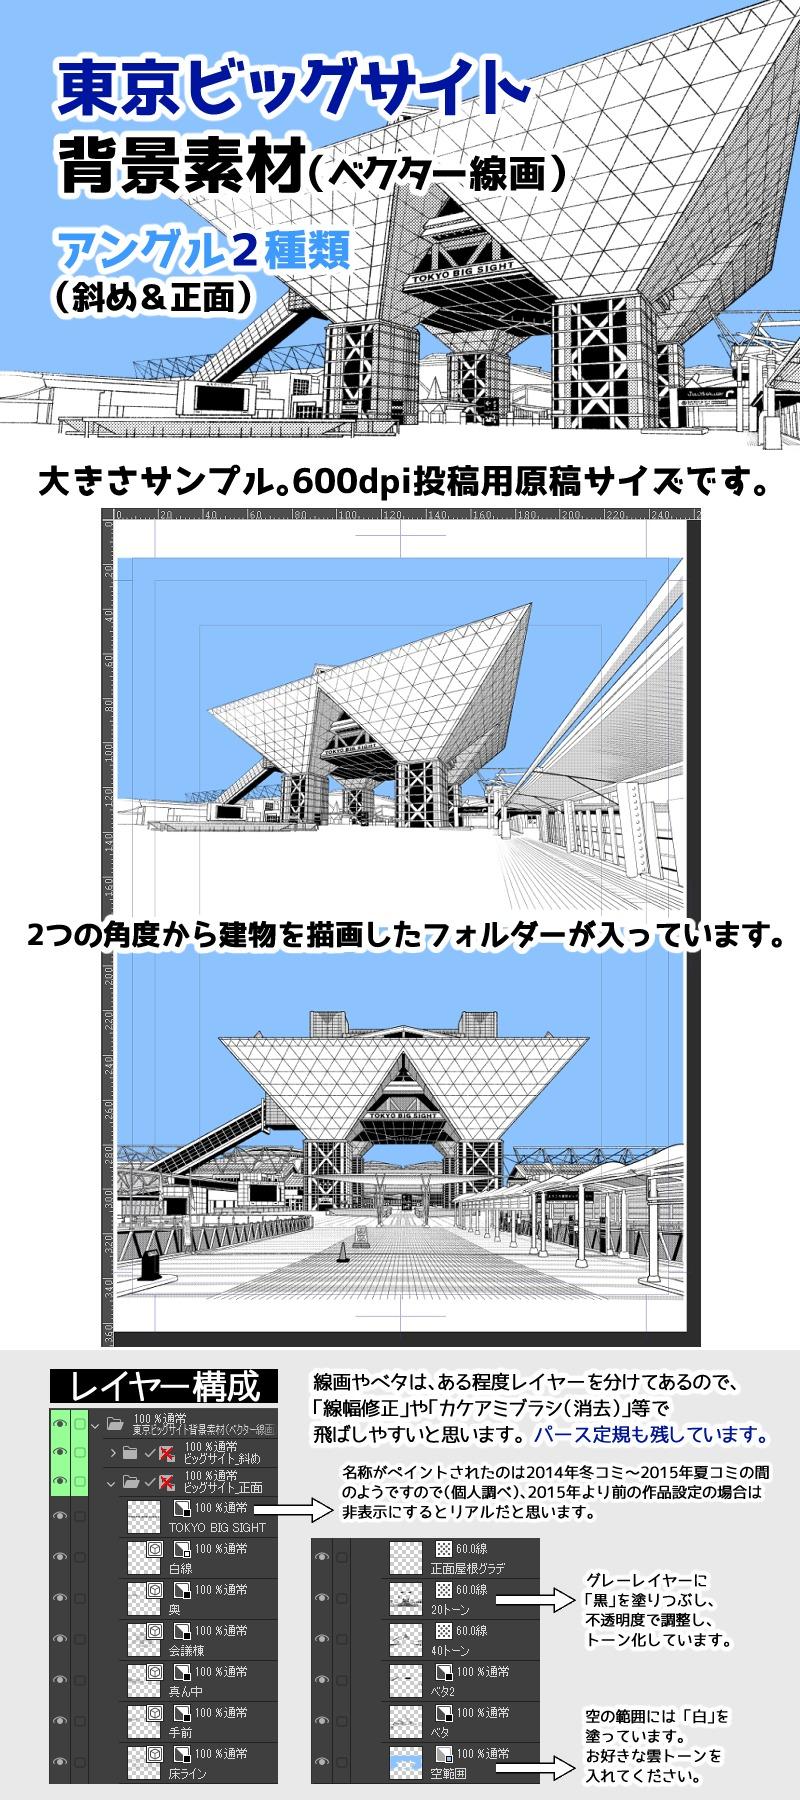 クリスタ素材説明画像_東京ビッグサイト背景素材(ベクター線画)アングル2種類(斜め&正面)